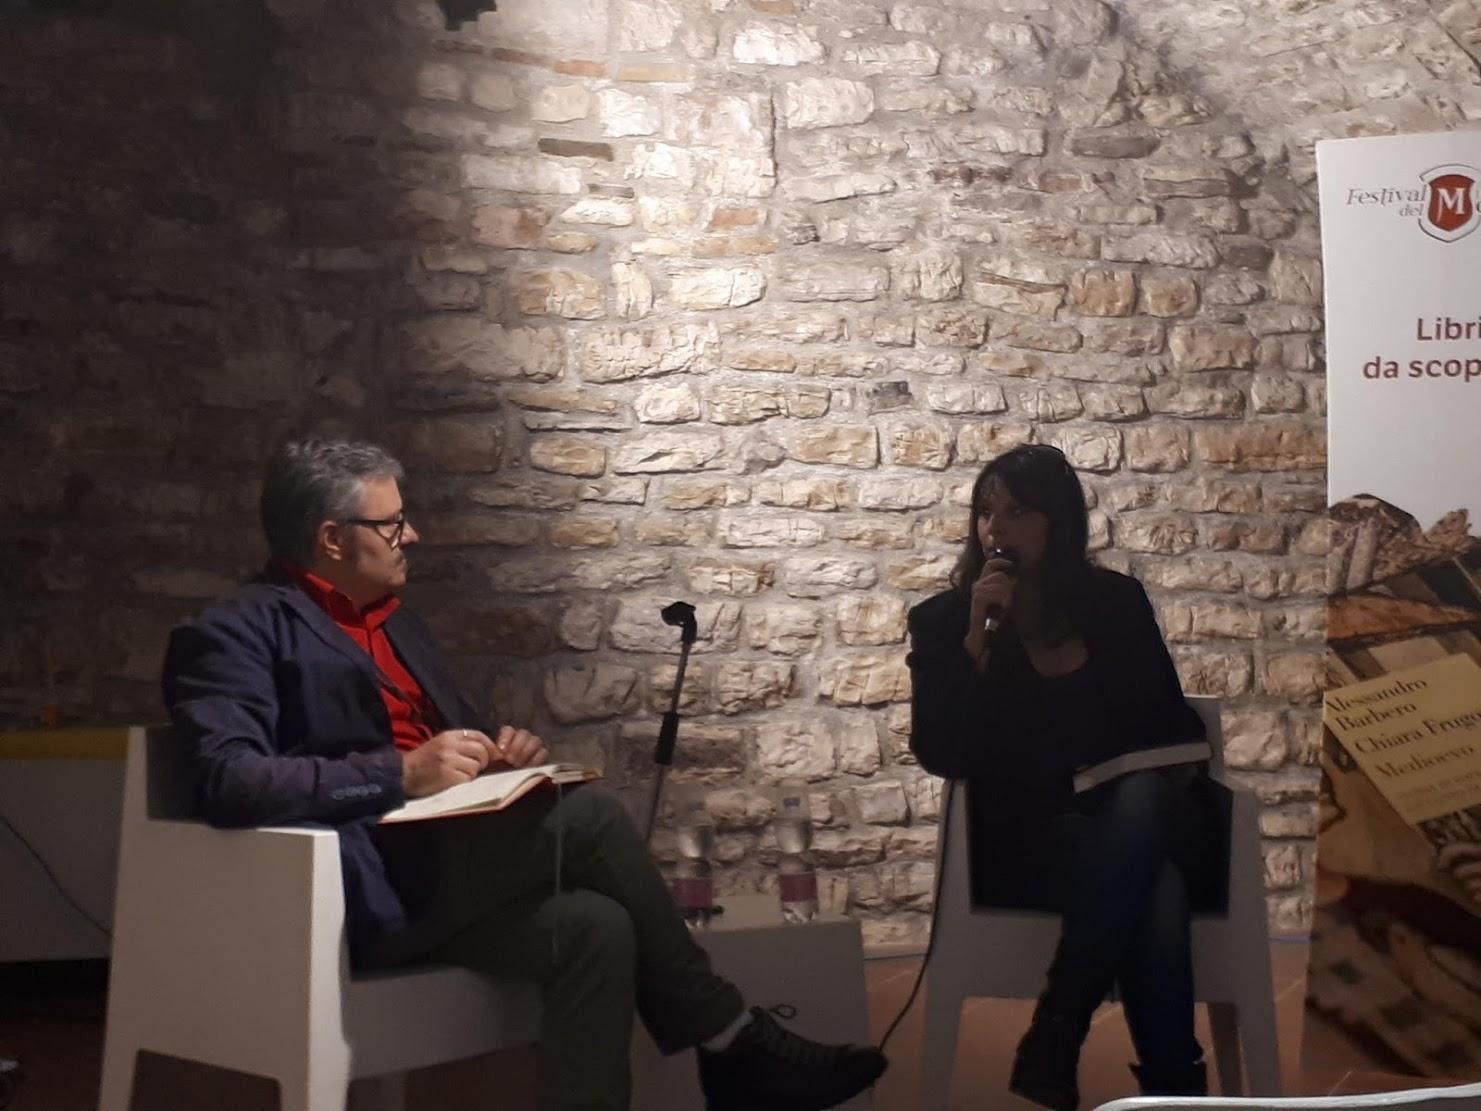 Presentazione del libro a Gubbio